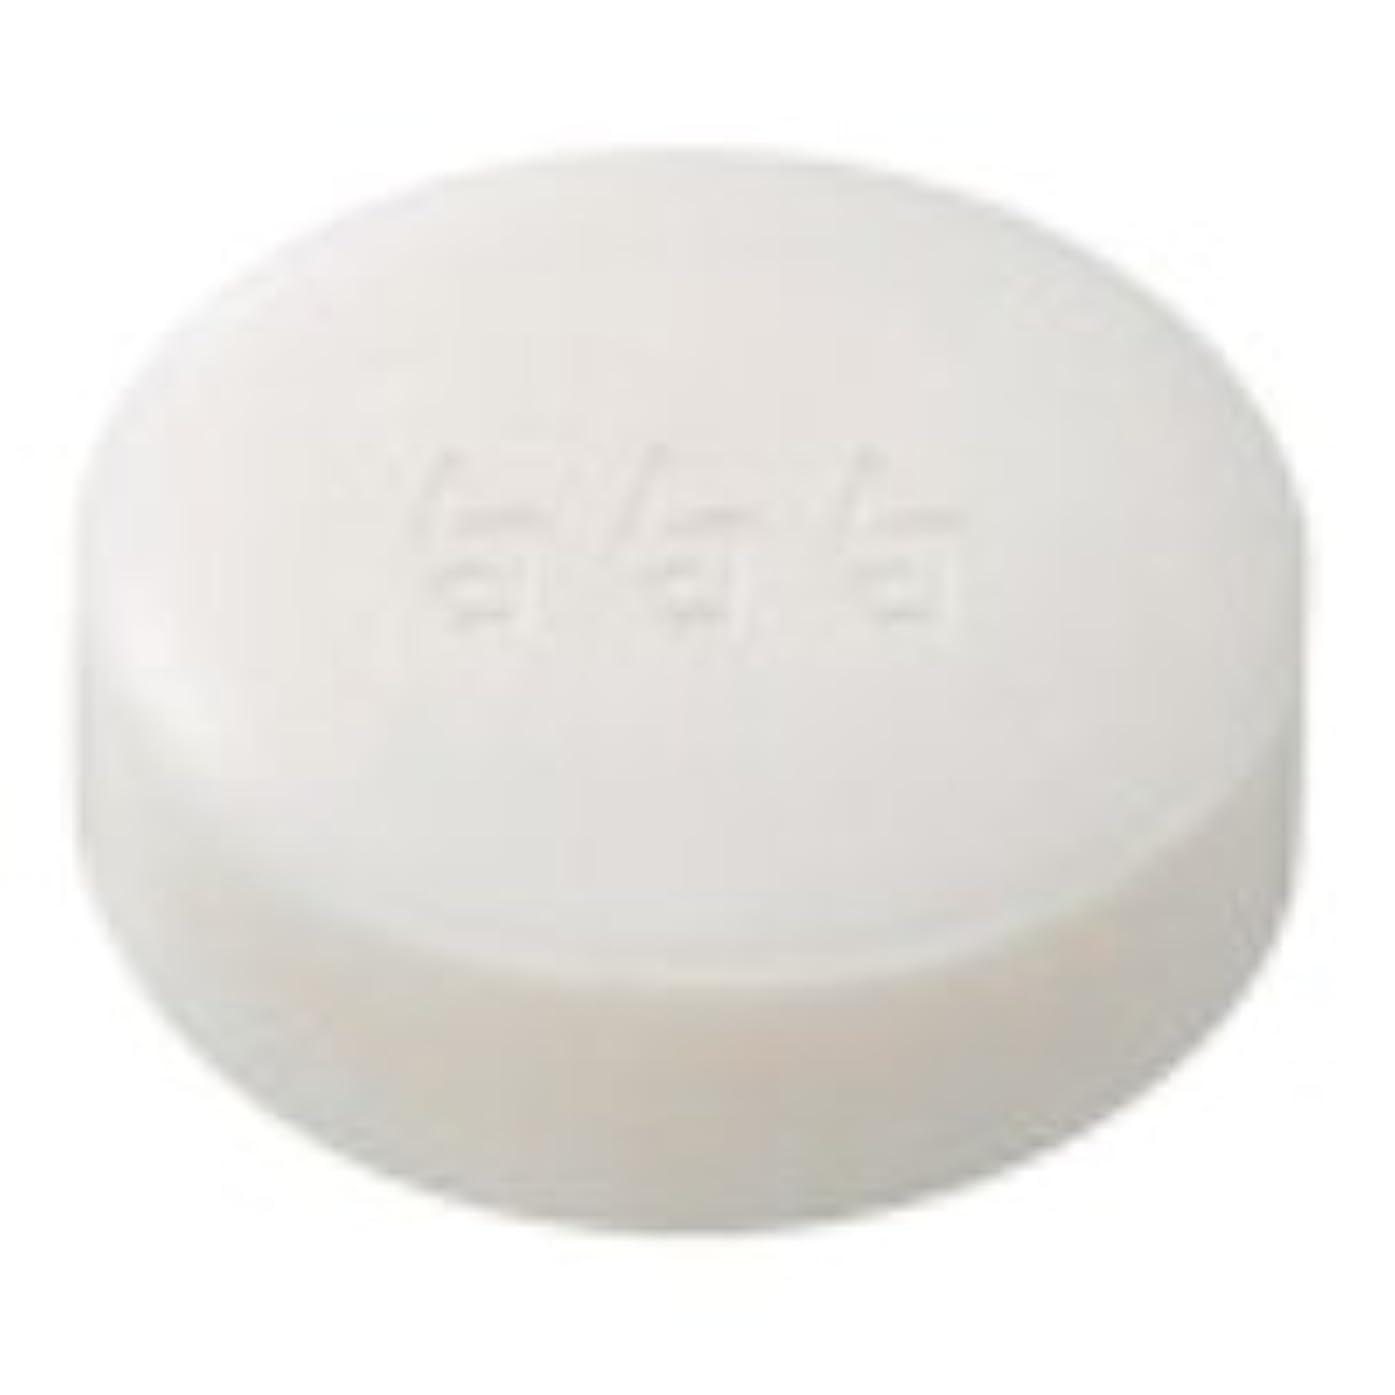 のみベールスポンサー白白白ホワイトクリアソープ 90g